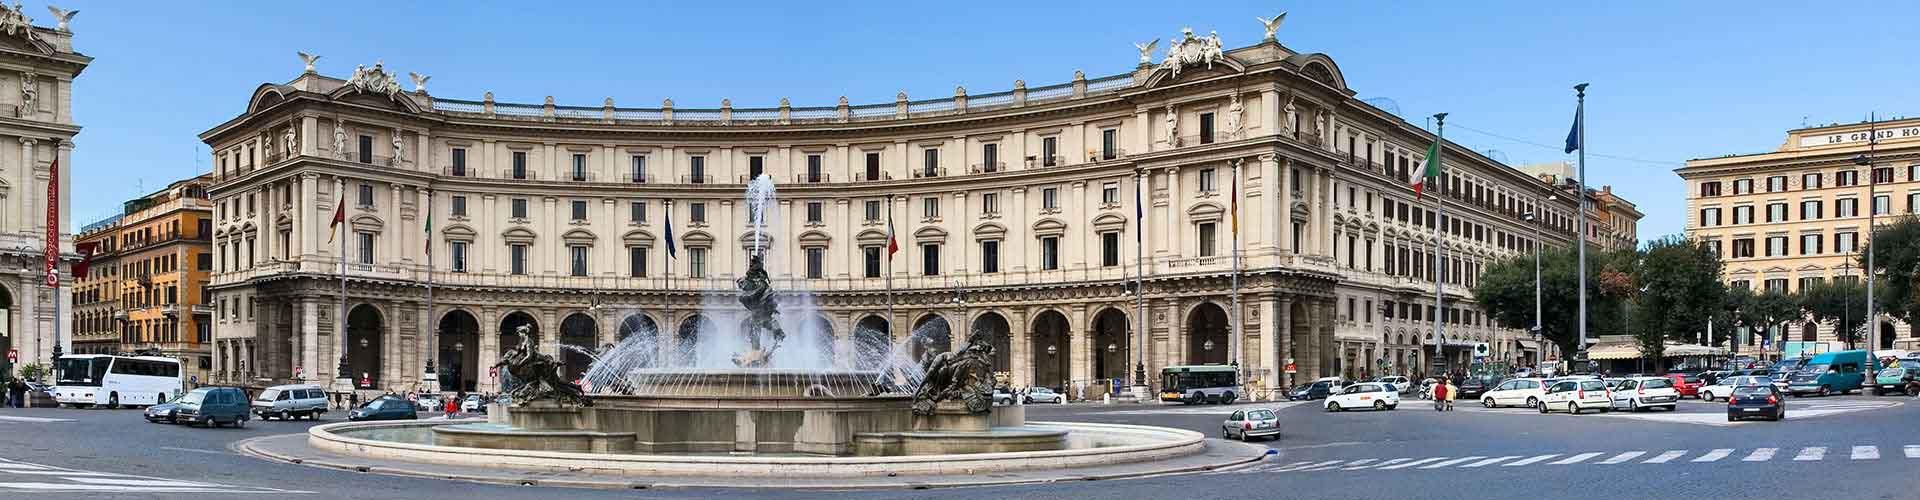 Rzym - Hostele w pobliżu: Piazza della Repubblica. Mapy: Rzym, Zdjęcia i Recenzje dla każdego hostelu w mieście: Rzym.